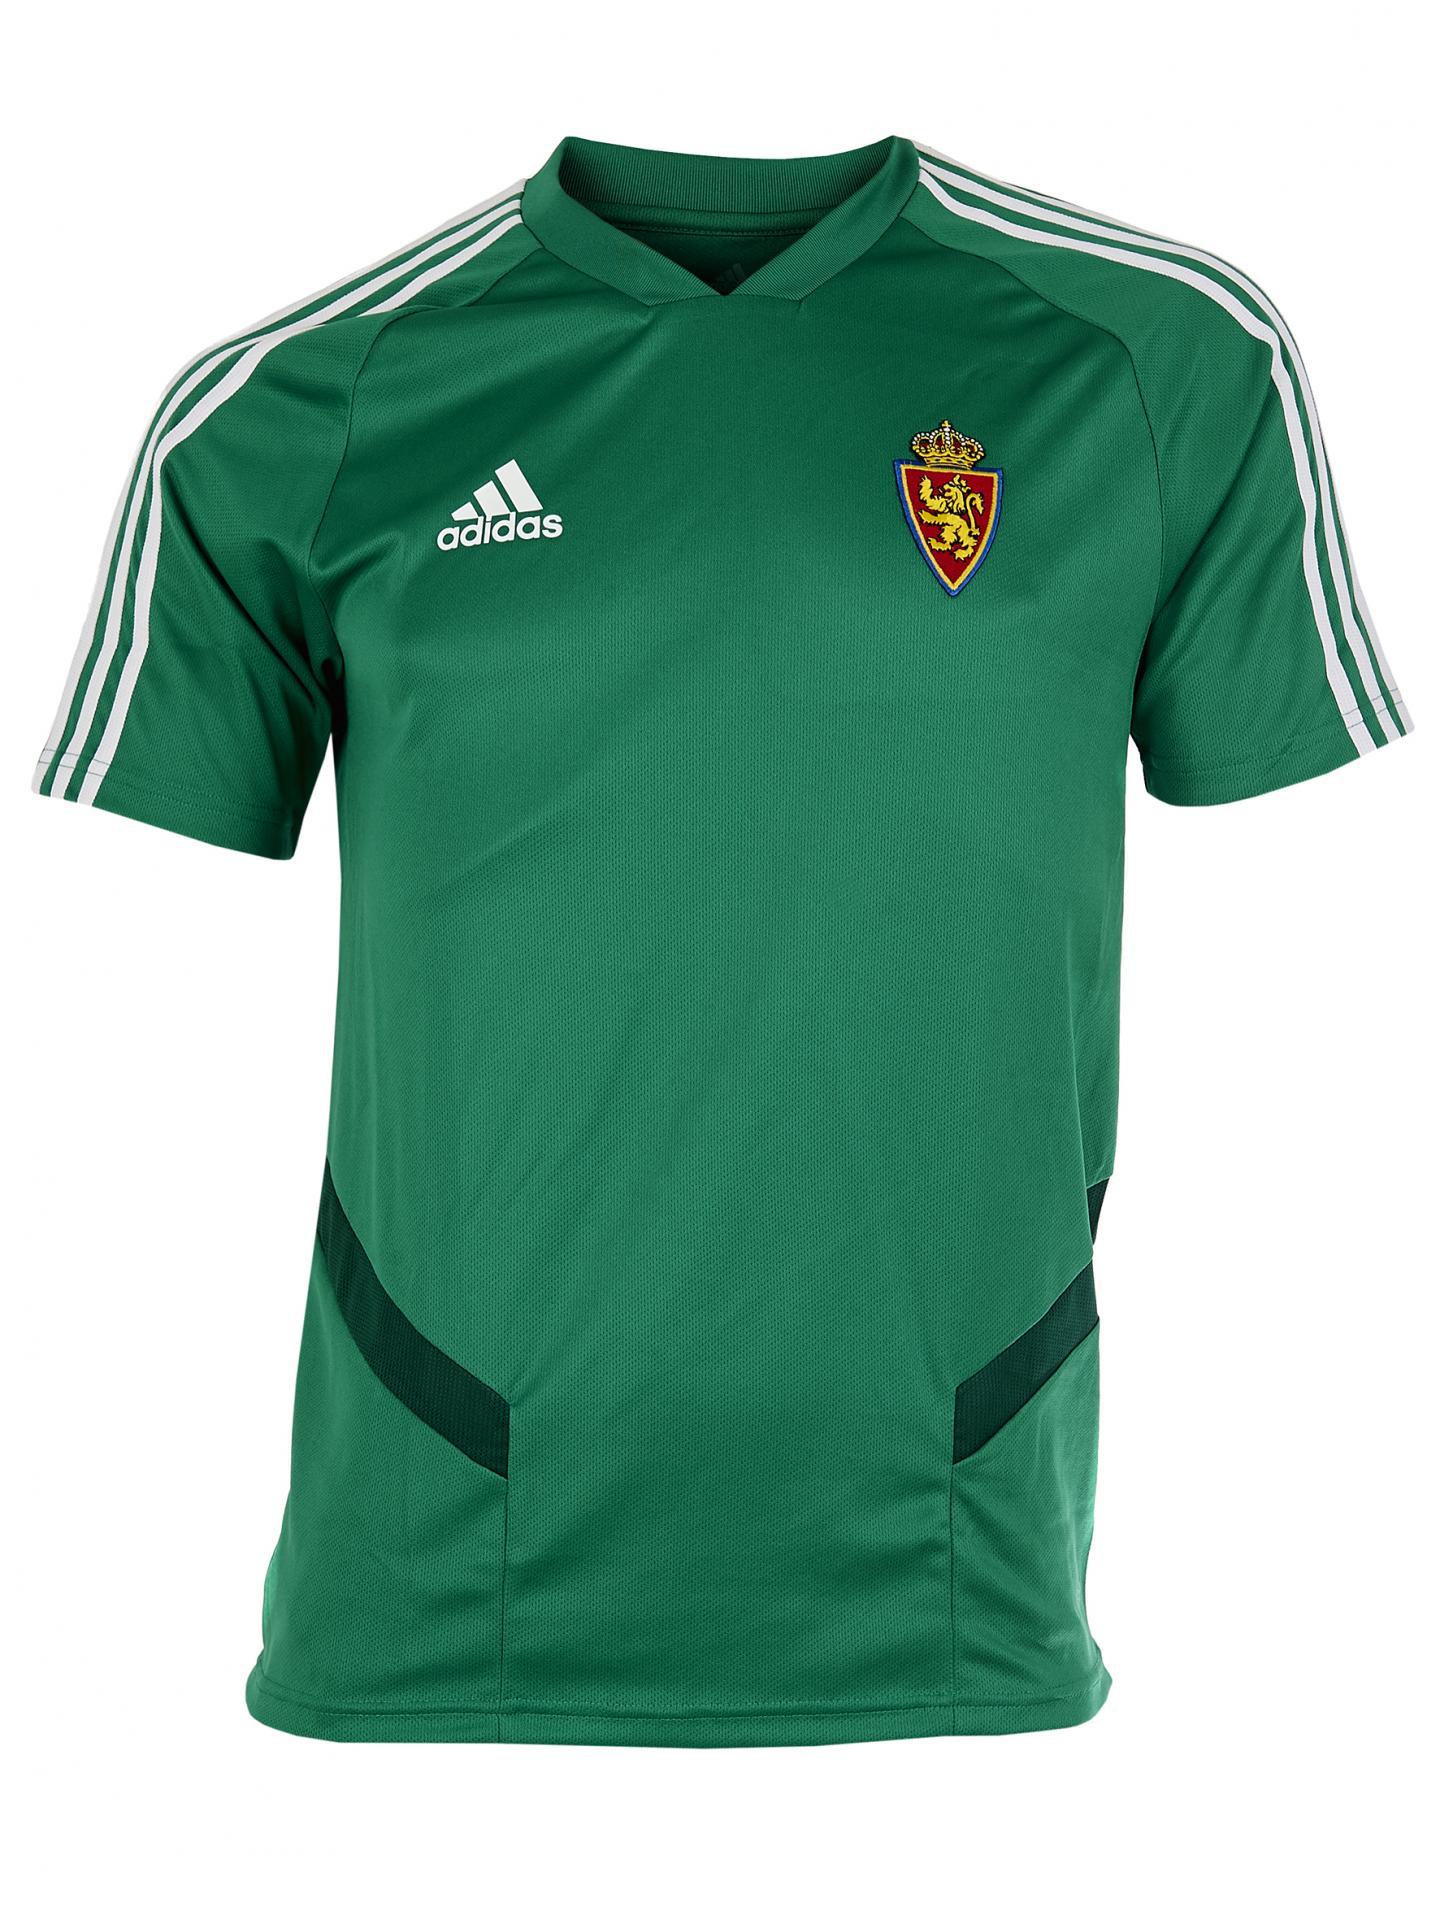 Camiseta infantil entreno portero 2019-2020